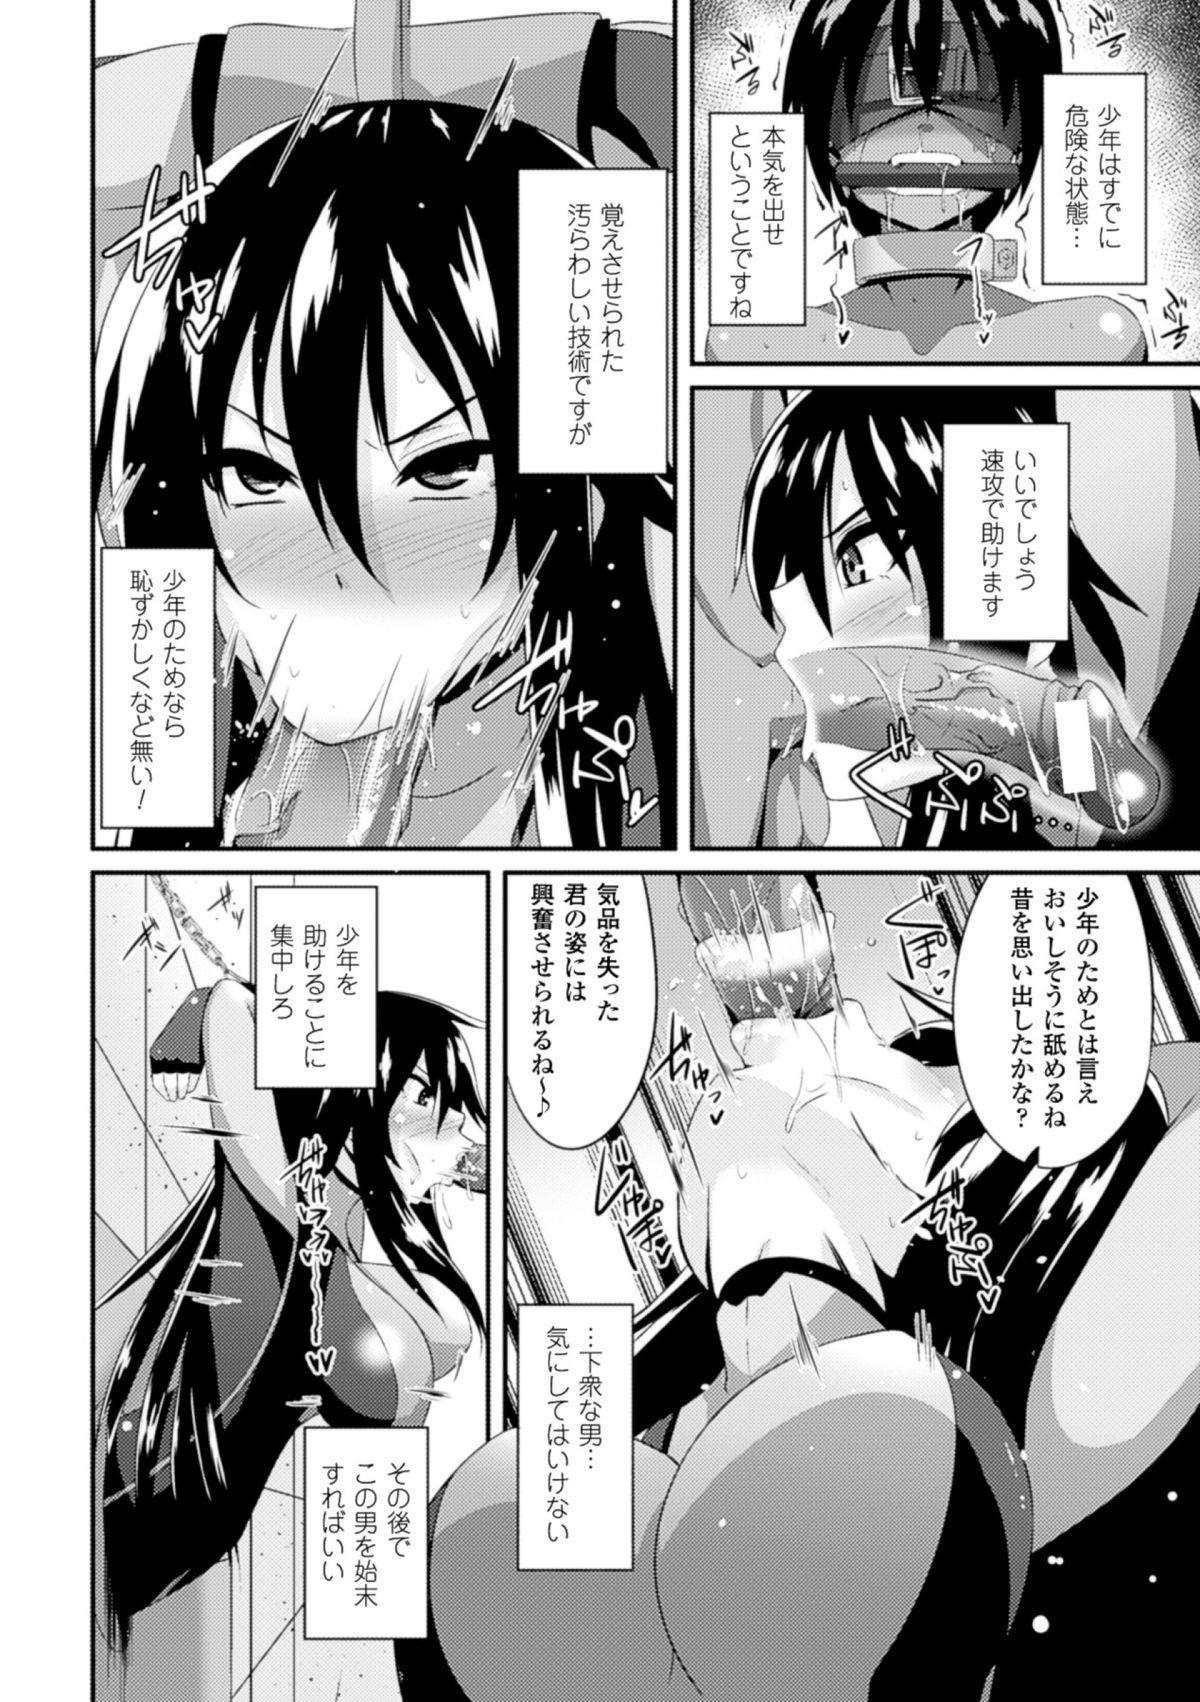 Hyottoko FellaGao wo Sarasu Bishoujo-tachi Vol. 1 29